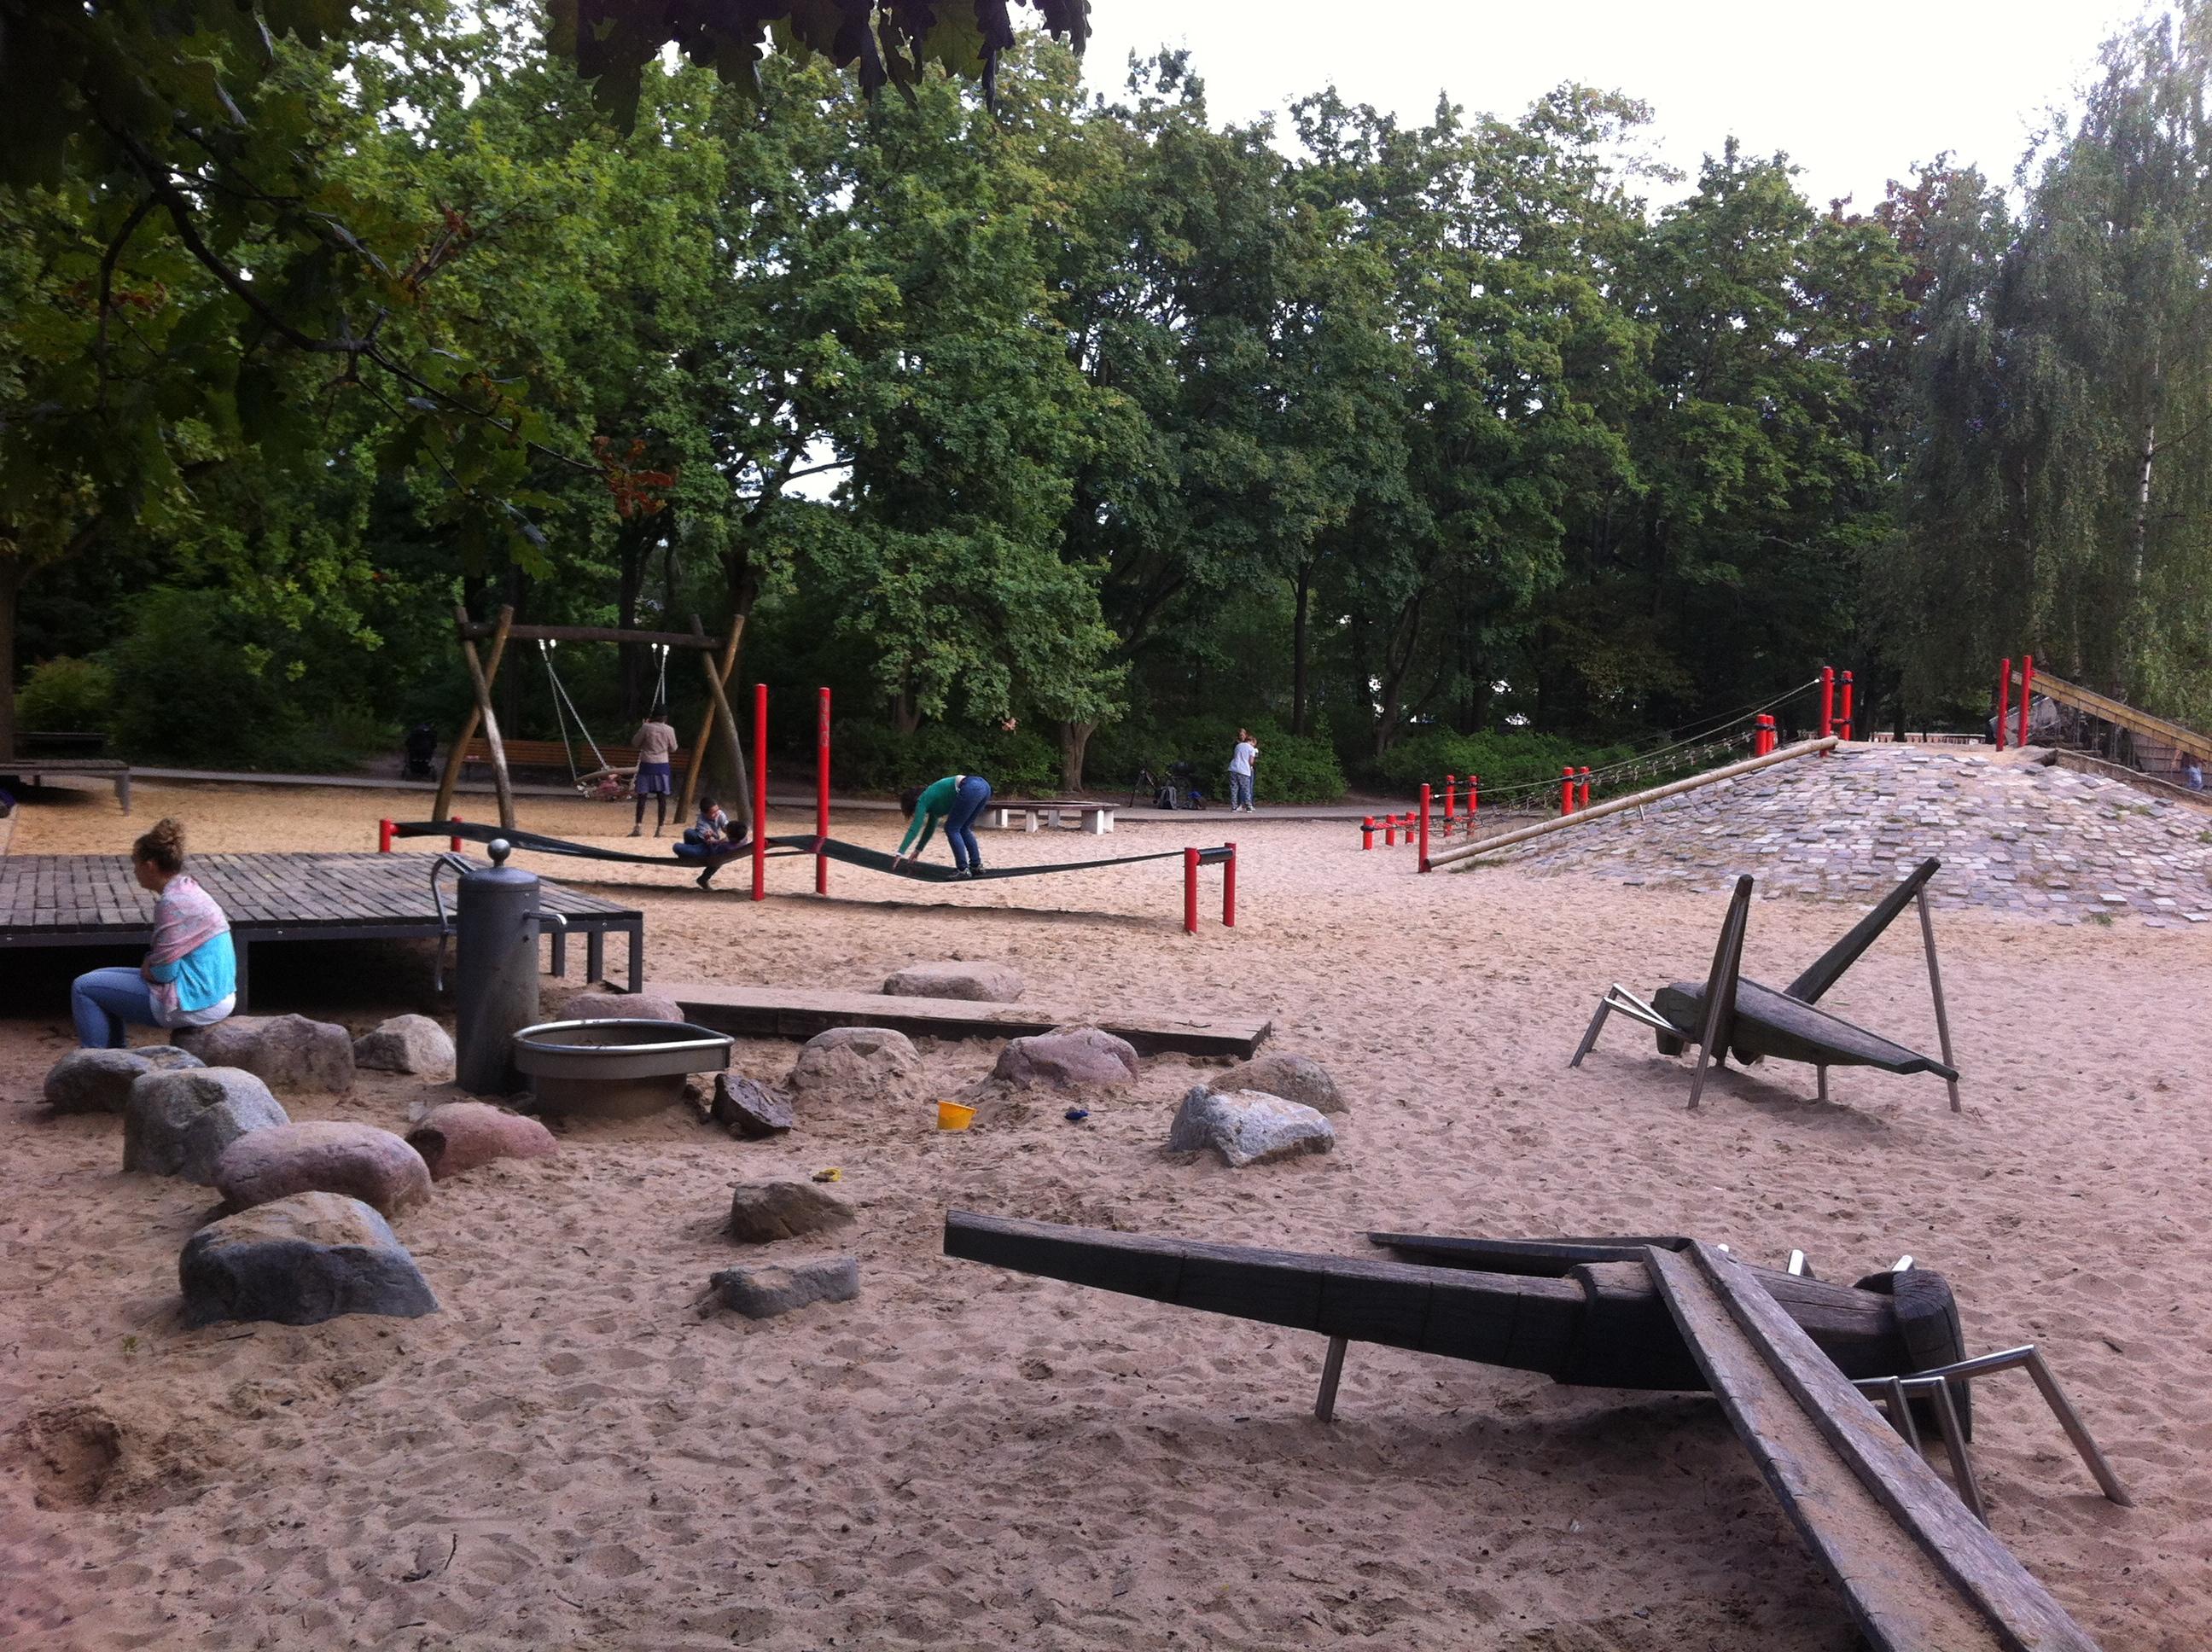 el parque entre y en treptow tiene una zona de nios con fuente para jugar piedras arena insectos gigantes trampoln y un